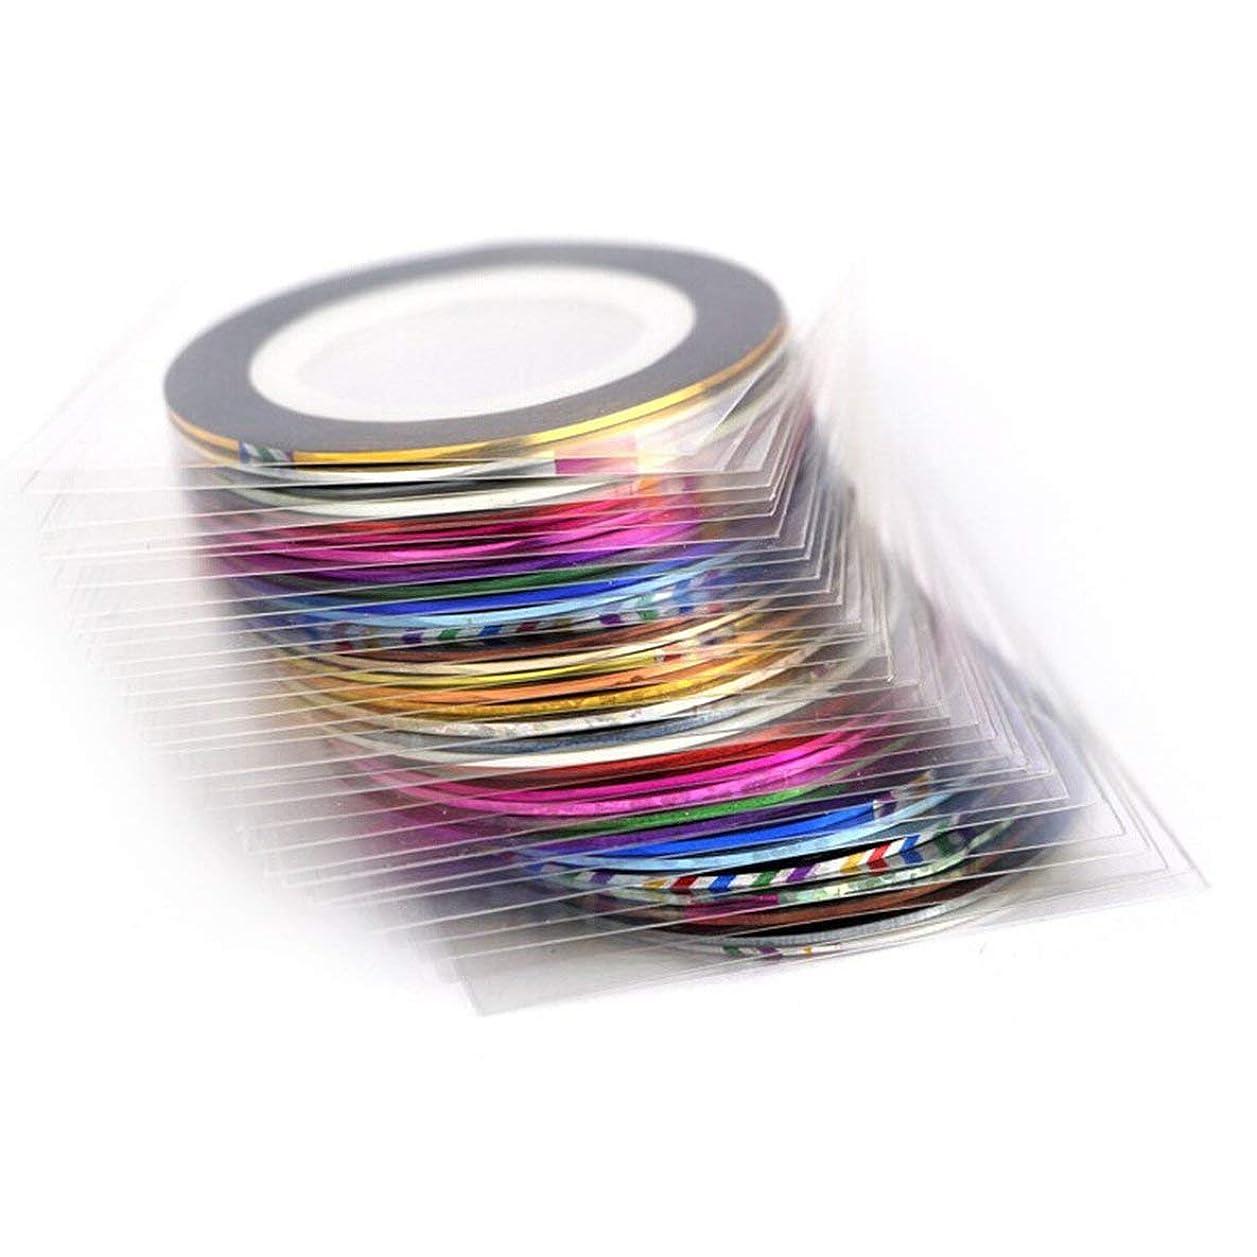 合理化キャップ悪党バードランタンネイルゴールドスレッドペースト色付きドローイングライン接着テープネイルステッカー10色20色30色